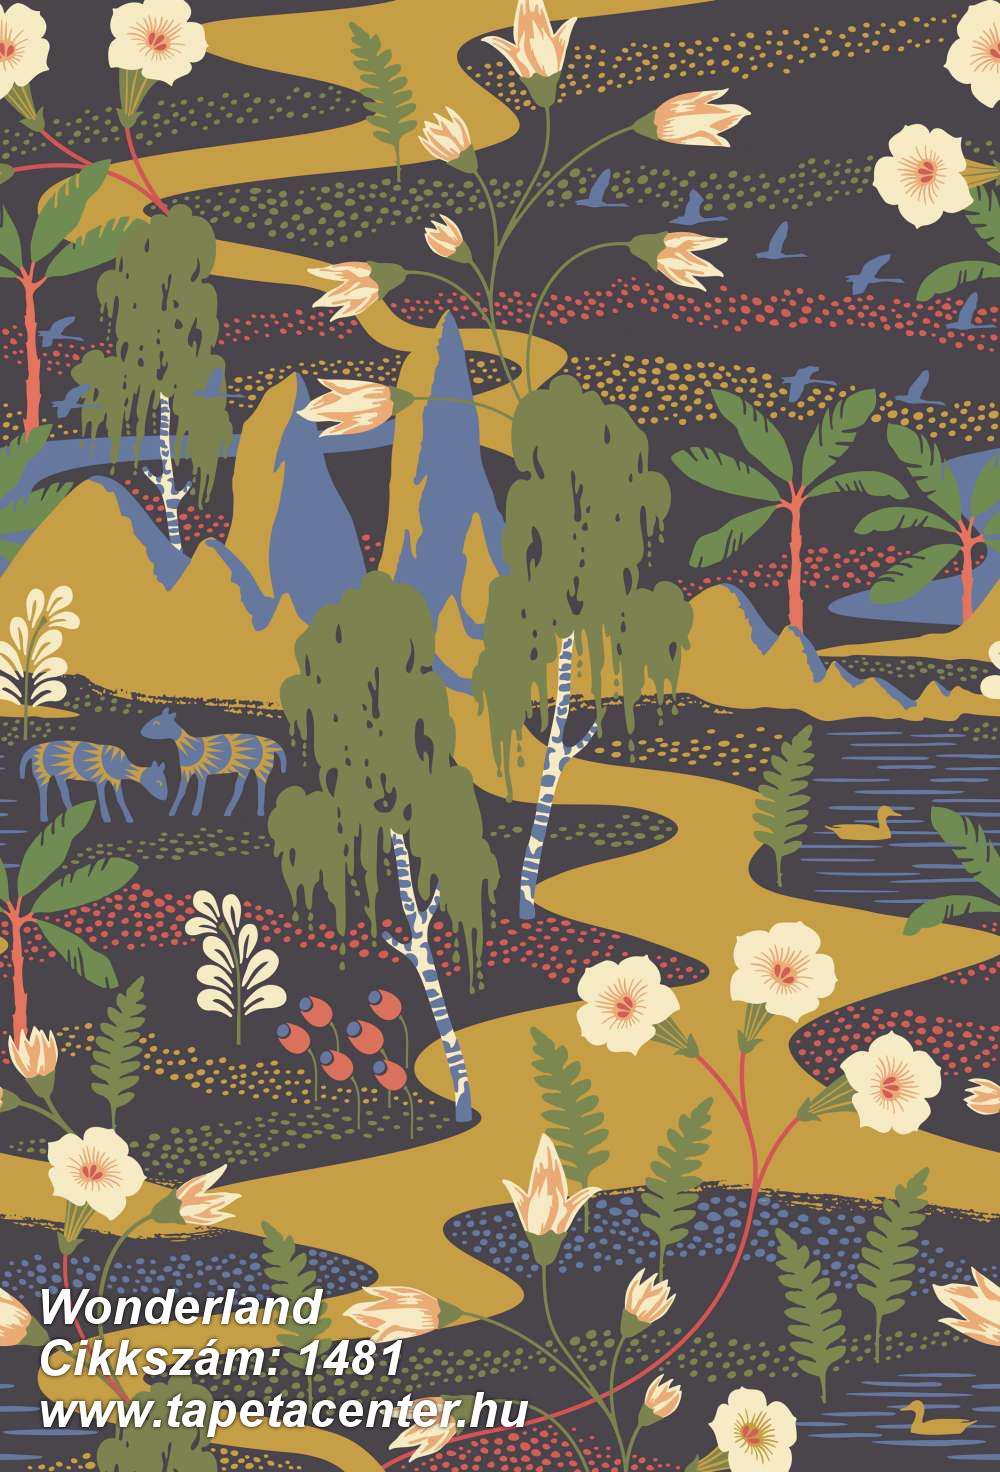 Absztrakt,állatok,gyerek,rajzolt,természeti mintás,virágmintás,bézs-drapp,fekete,kék,sárga,zöld,vlies panel